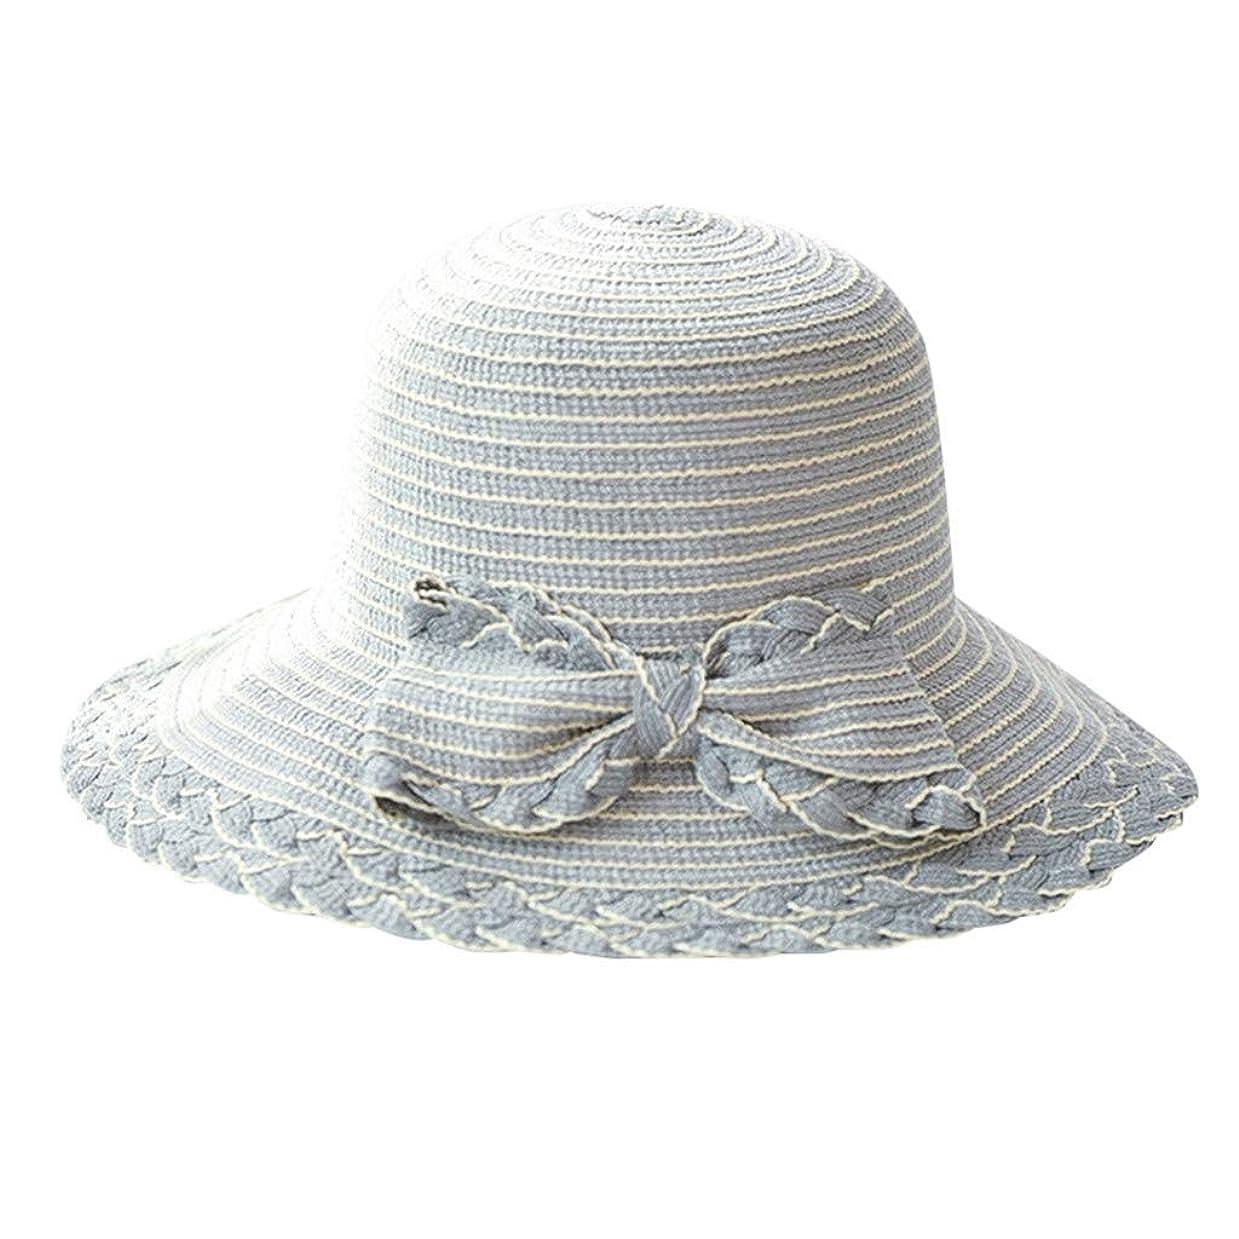 沈黙満足できる変更可能夏 帽子 レディース UVカット 帽子 ハット レディース 日よけ 夏季 女優帽 日よけ 日焼け 折りたたみ 持ち運び つば広 吸汗通気 ハット レディース 紫外線対策 小顔効果 ワイヤー入る ハット ROSE ROMAN